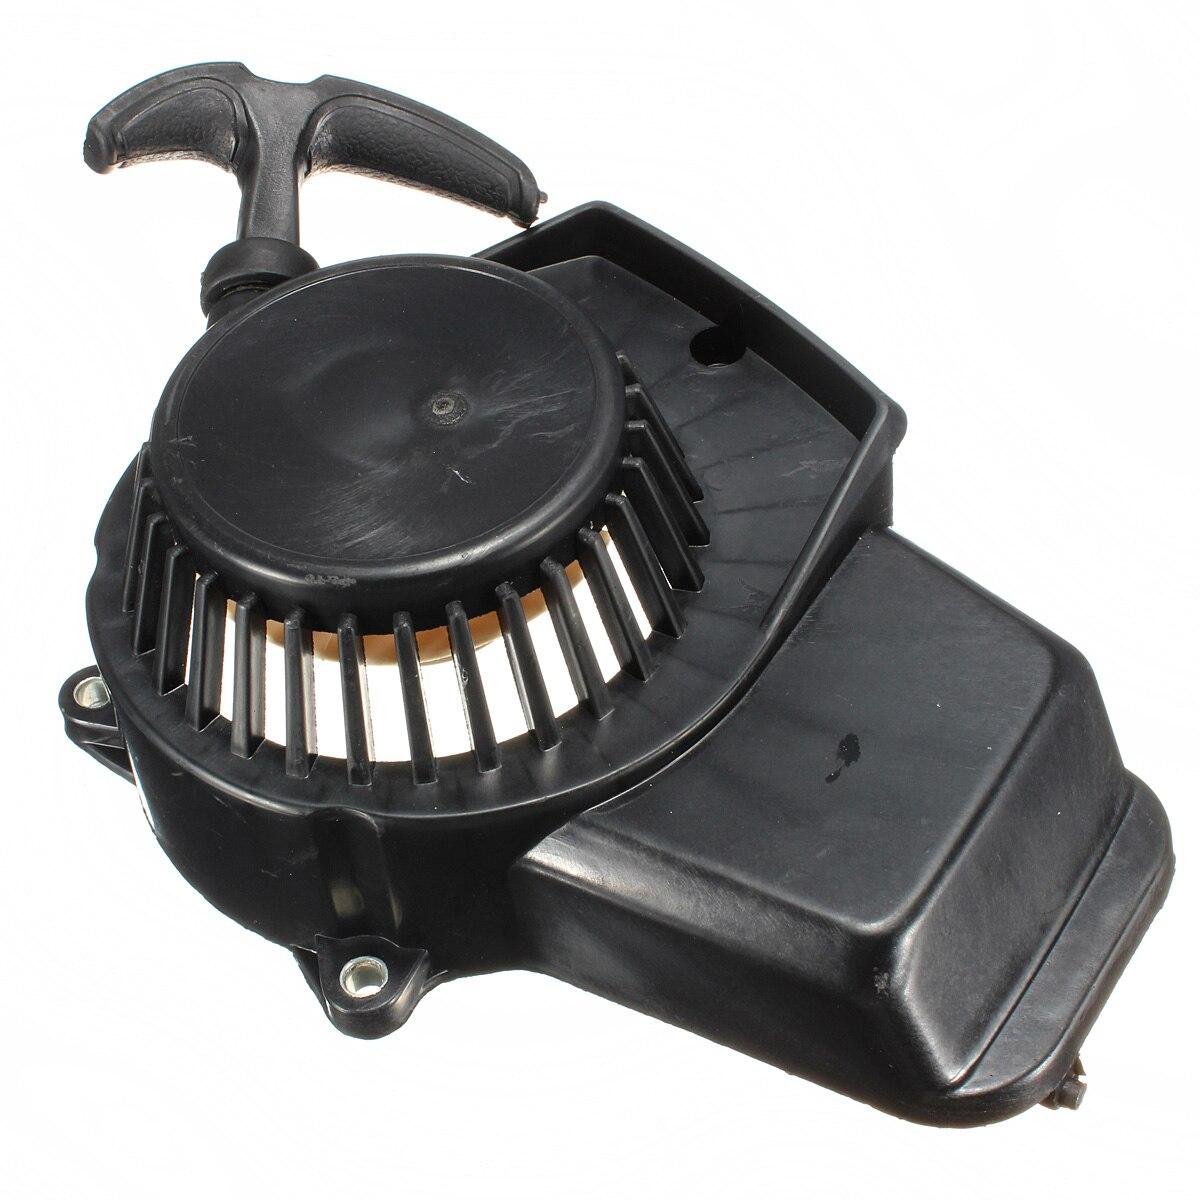 Mini Moto Pull Start Starter Cord For 49cc Minimoto Quad Dirt Pocket Bike ATV